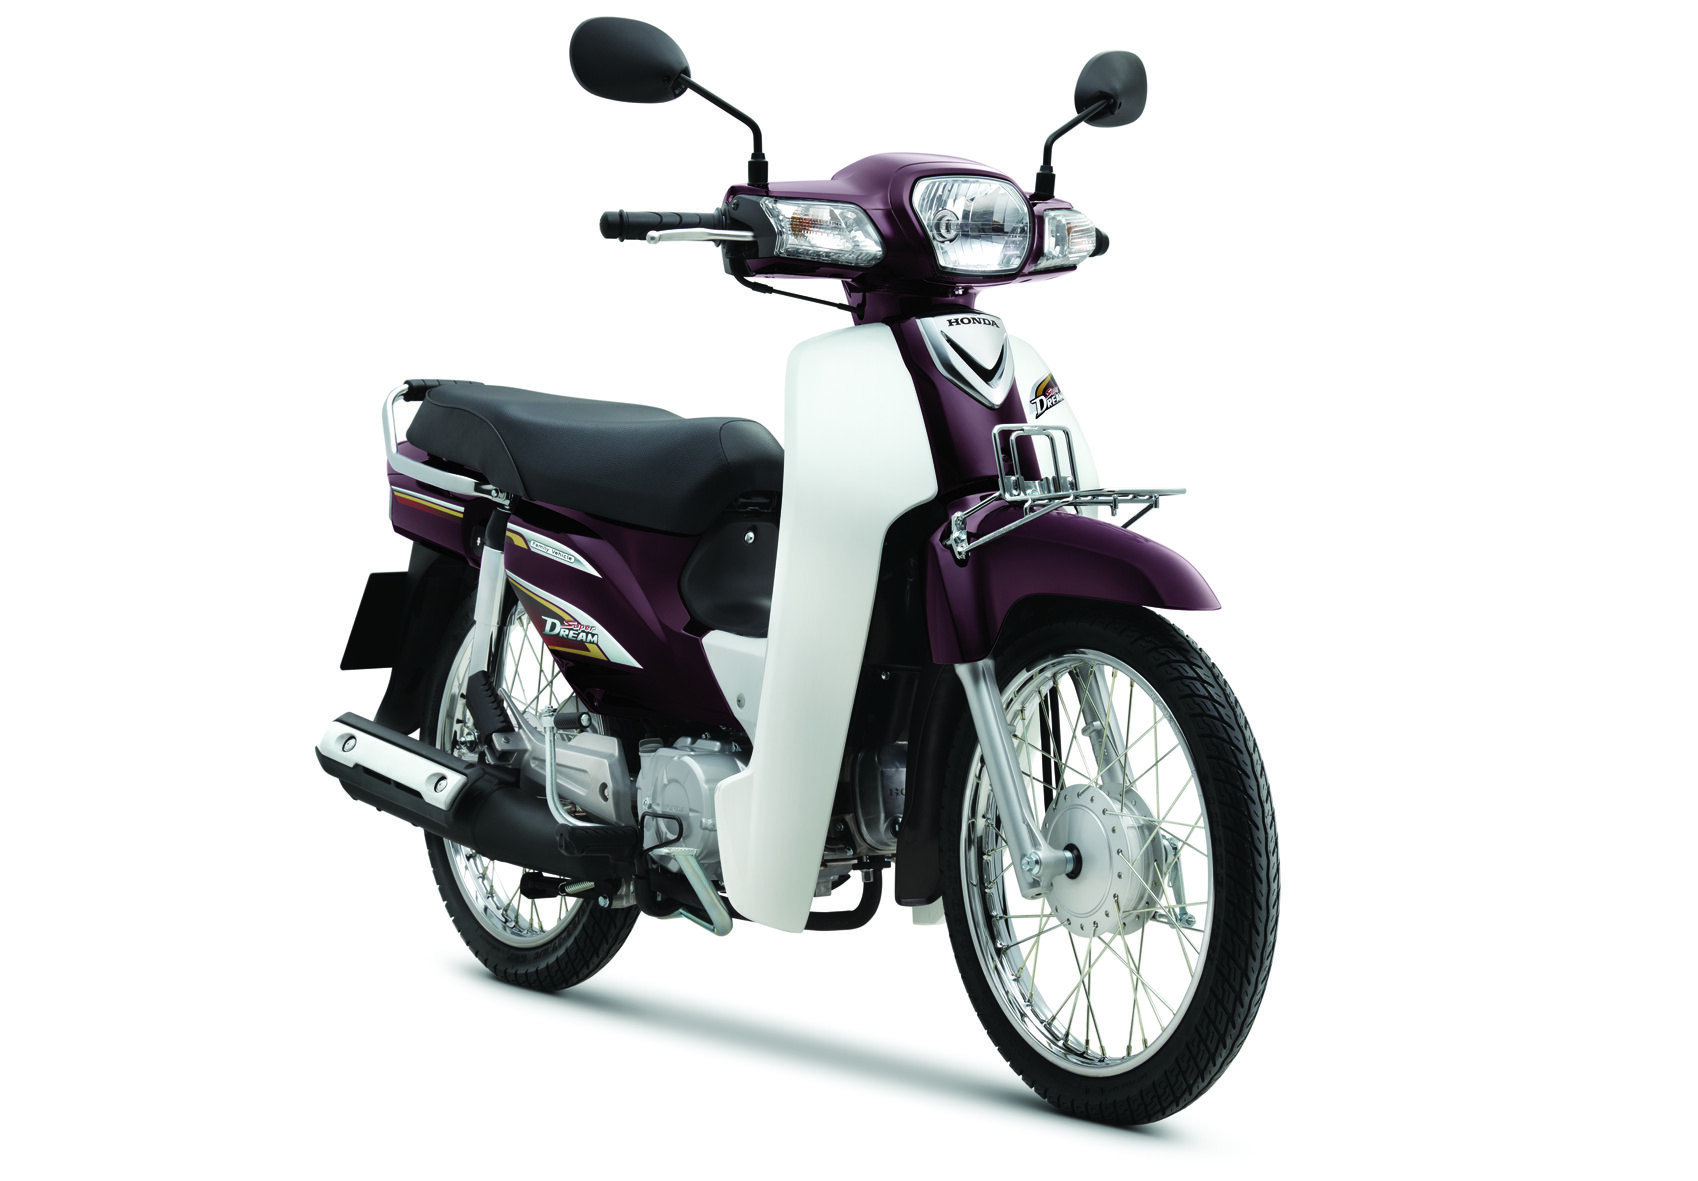 So sánh xe máy Honda Super Dream 110cc và Yamaha Jupiter